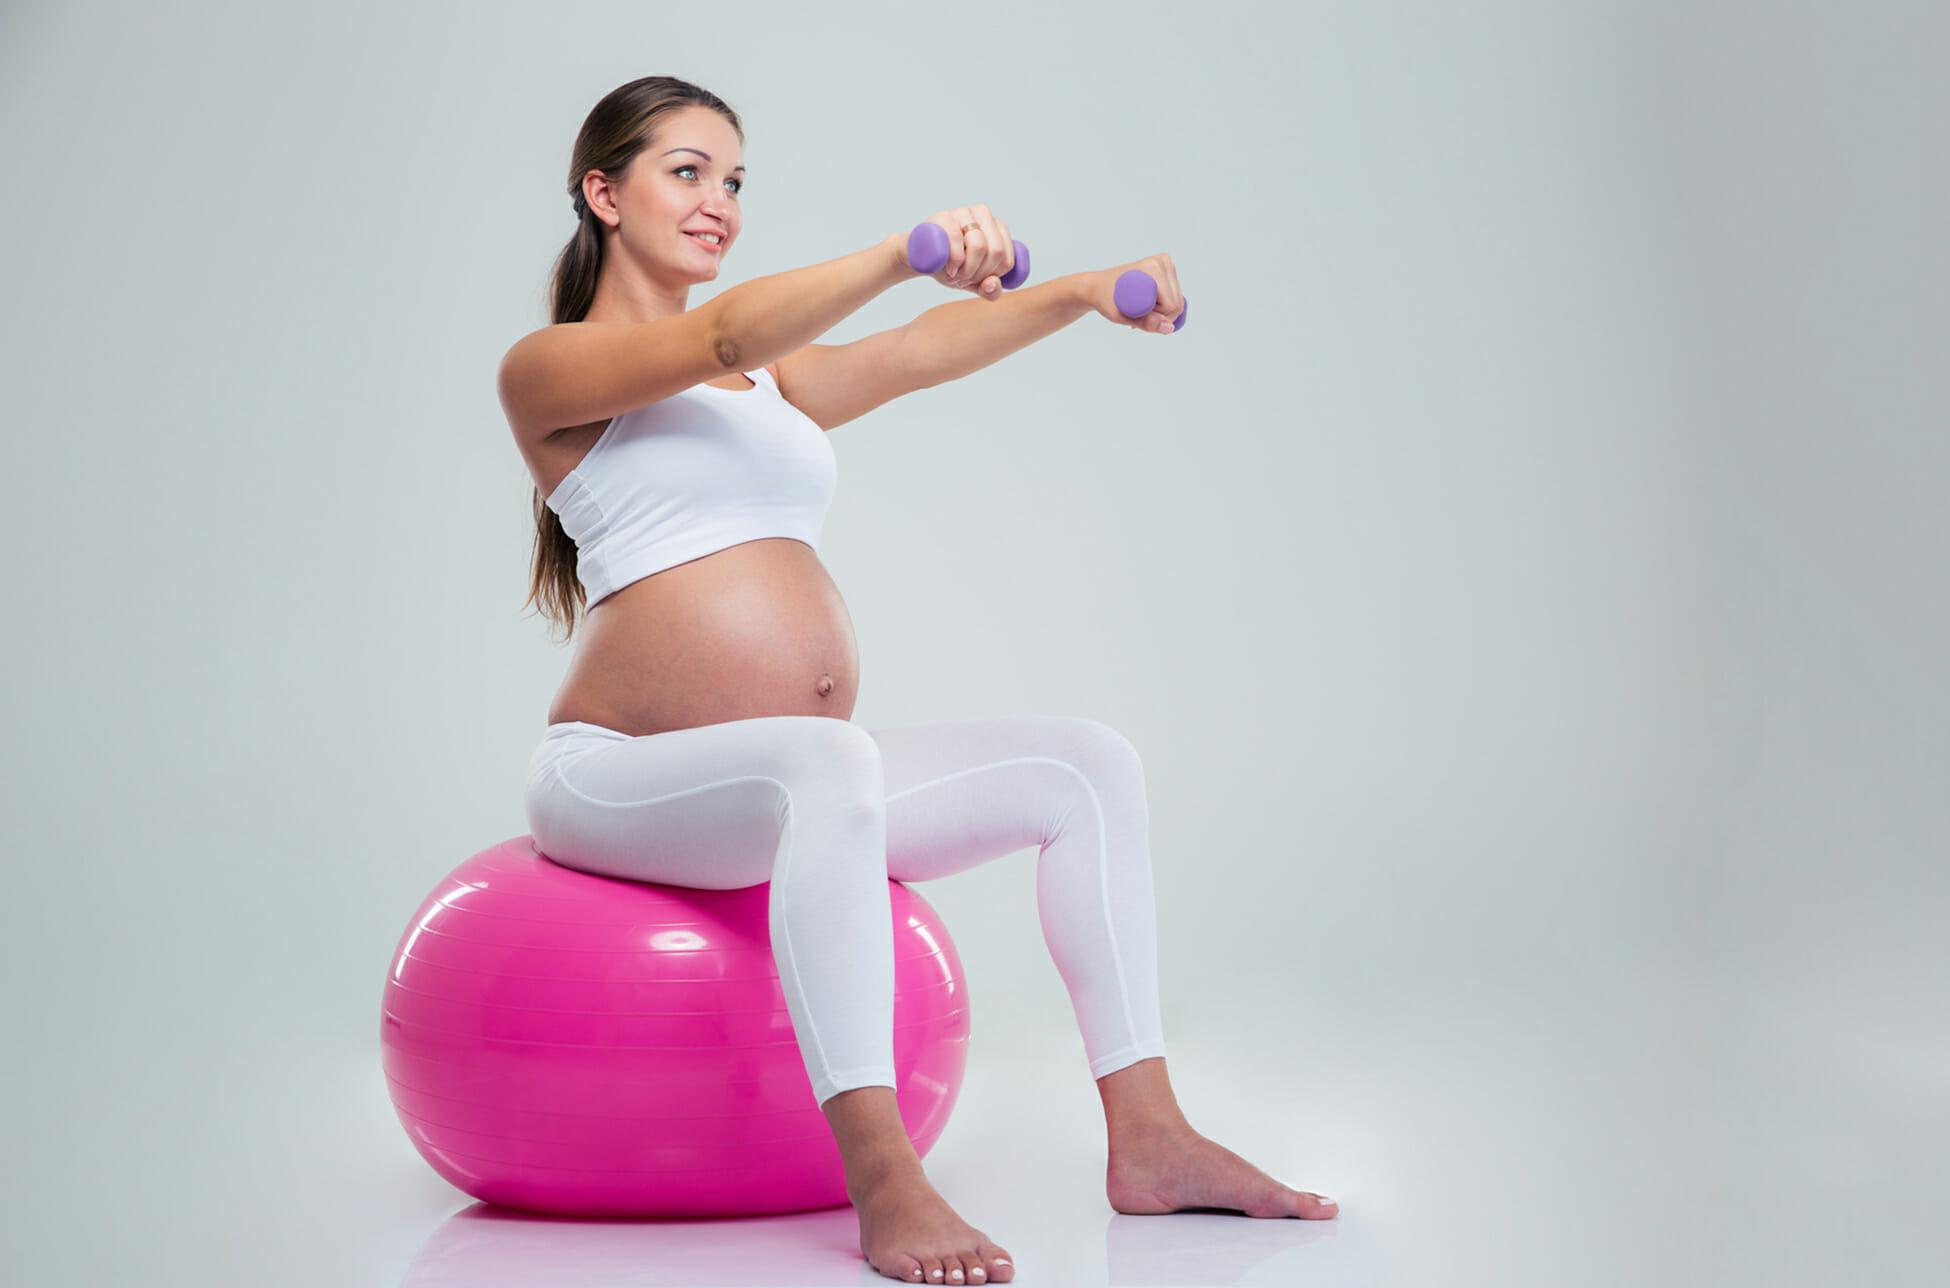 Ejercicio físico para embarazadas